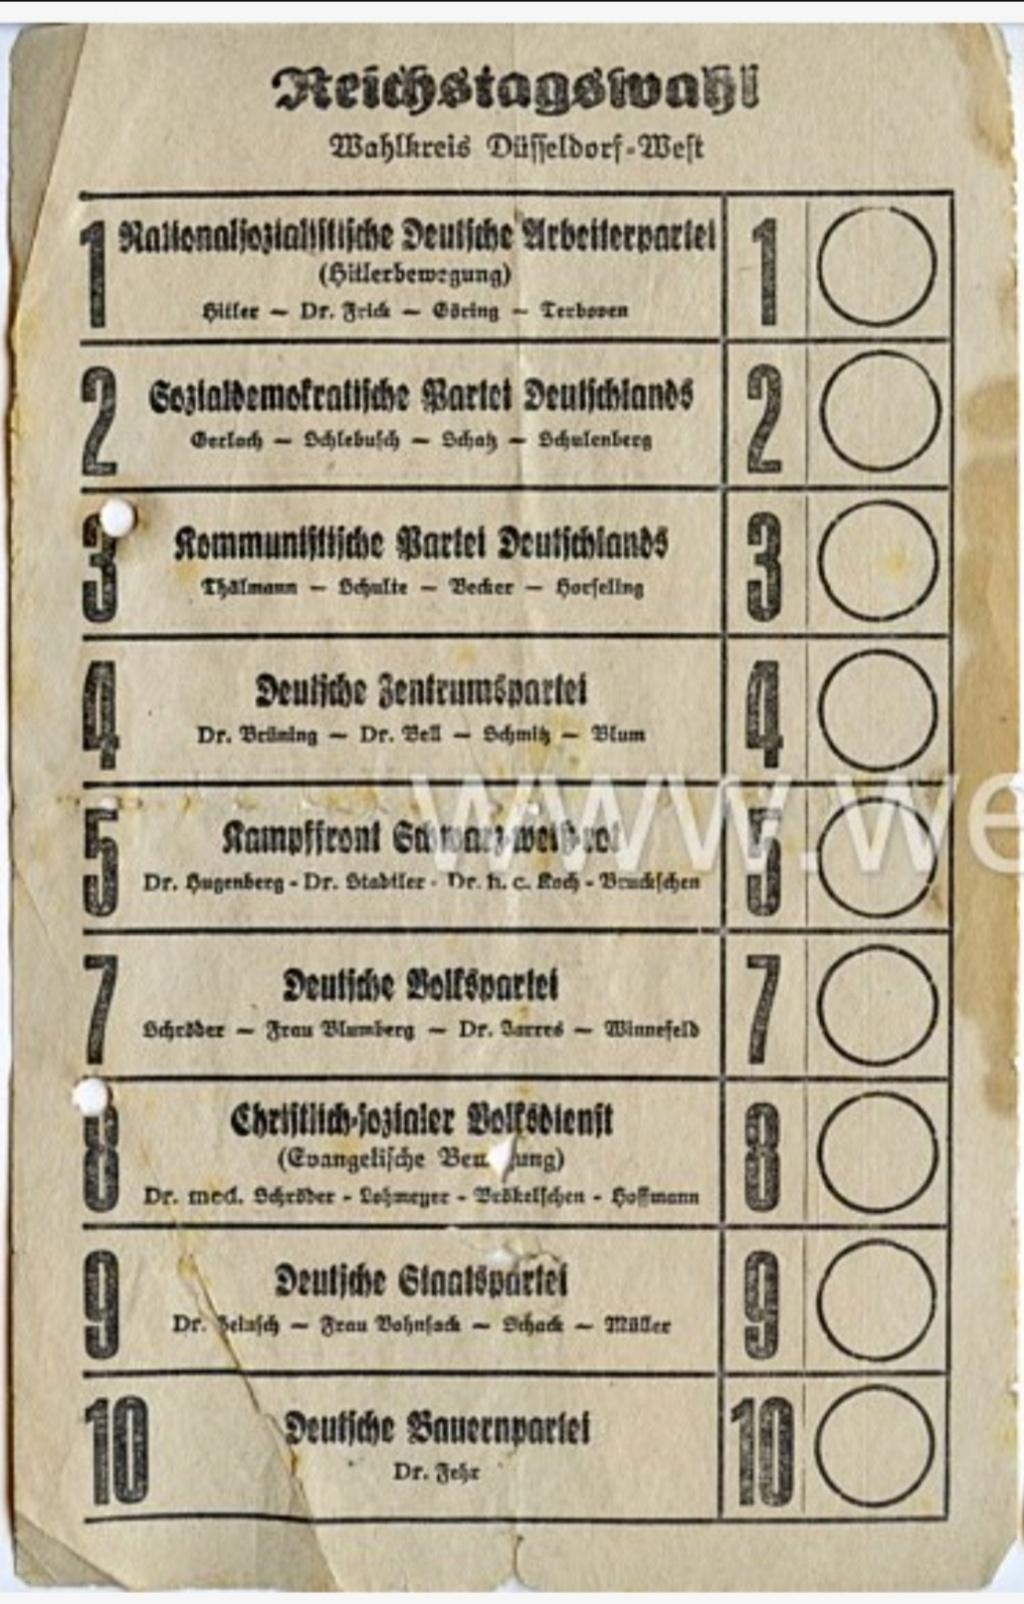 Eine Million Mark 1923 con una sobreimpresión de propaganda virulenta. - Página 3 Screen29